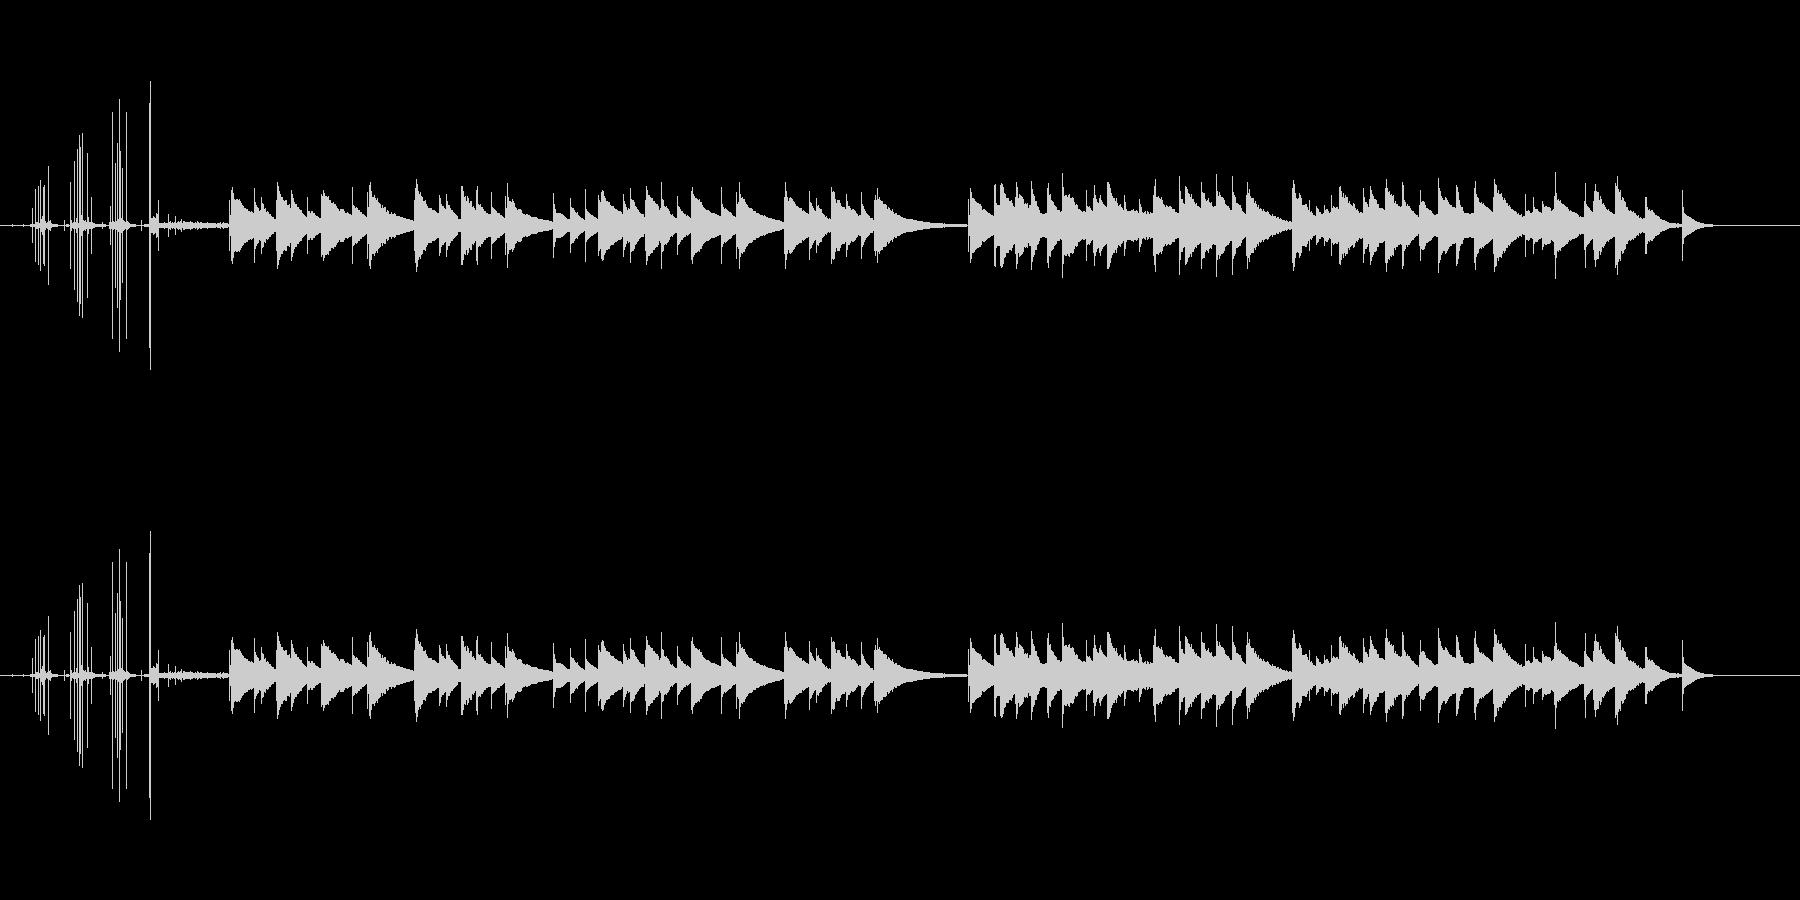 オルゴールのネジを巻き止まるまでの短い曲の未再生の波形